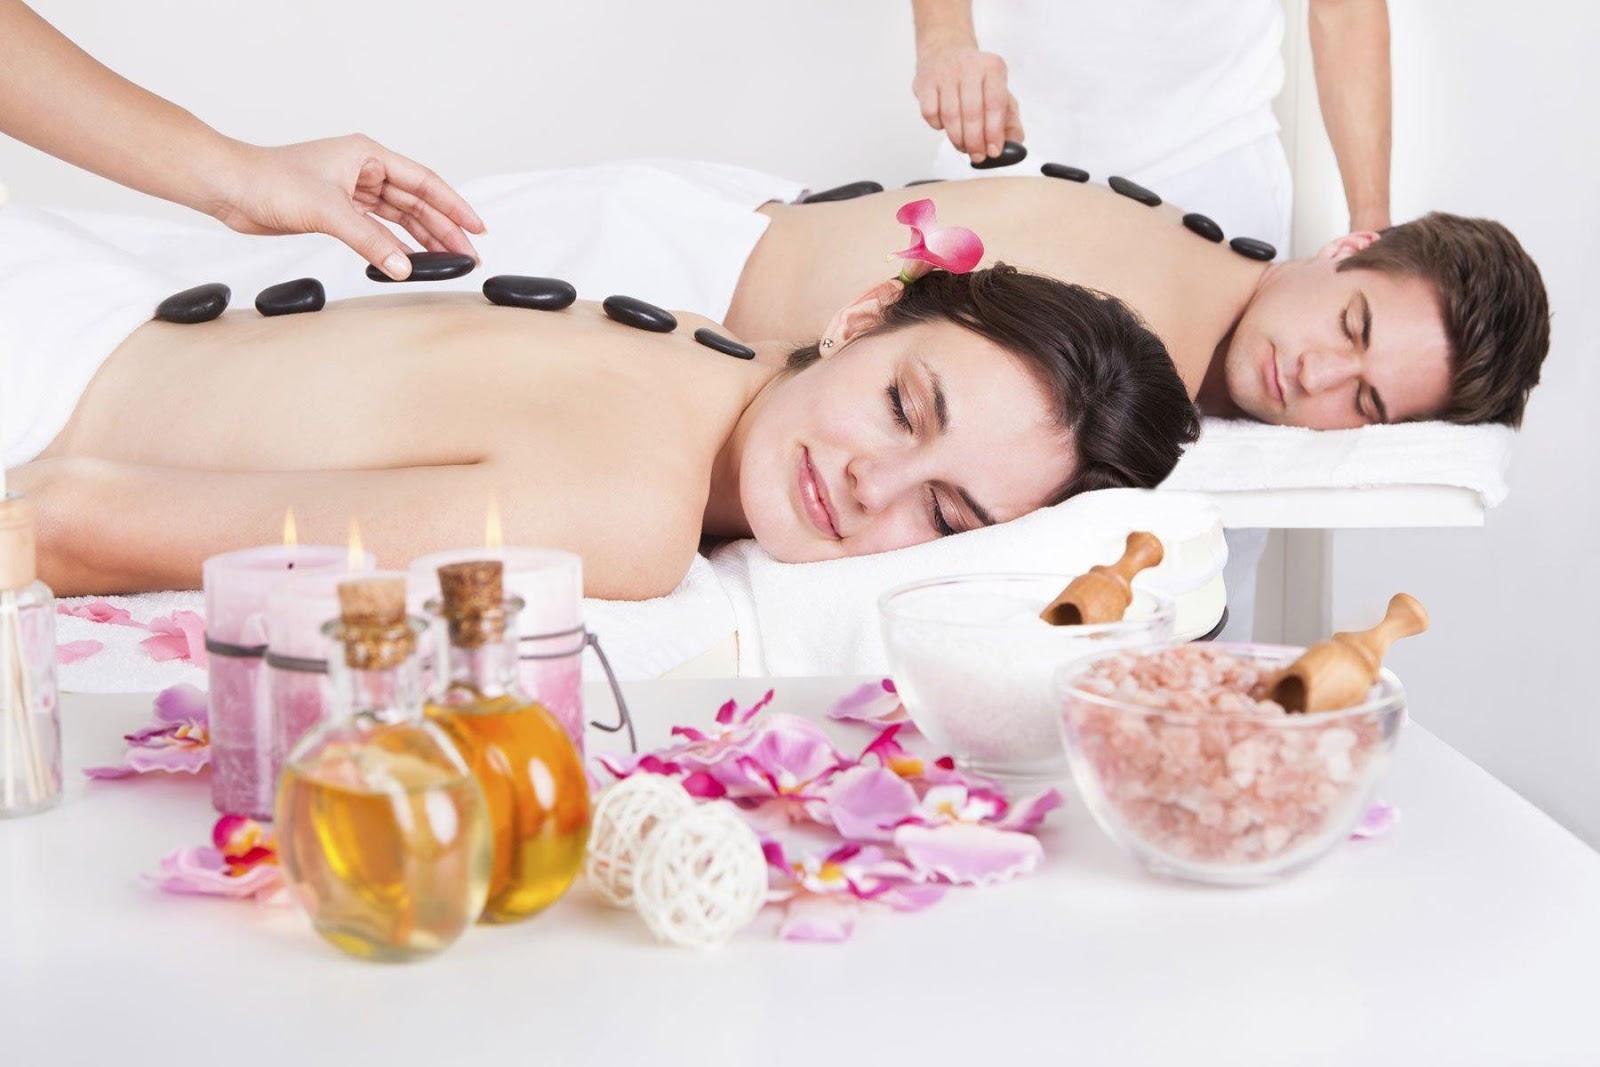 Lịch sử phát minh ra massage và vì sao nó trở nên thịnh hành